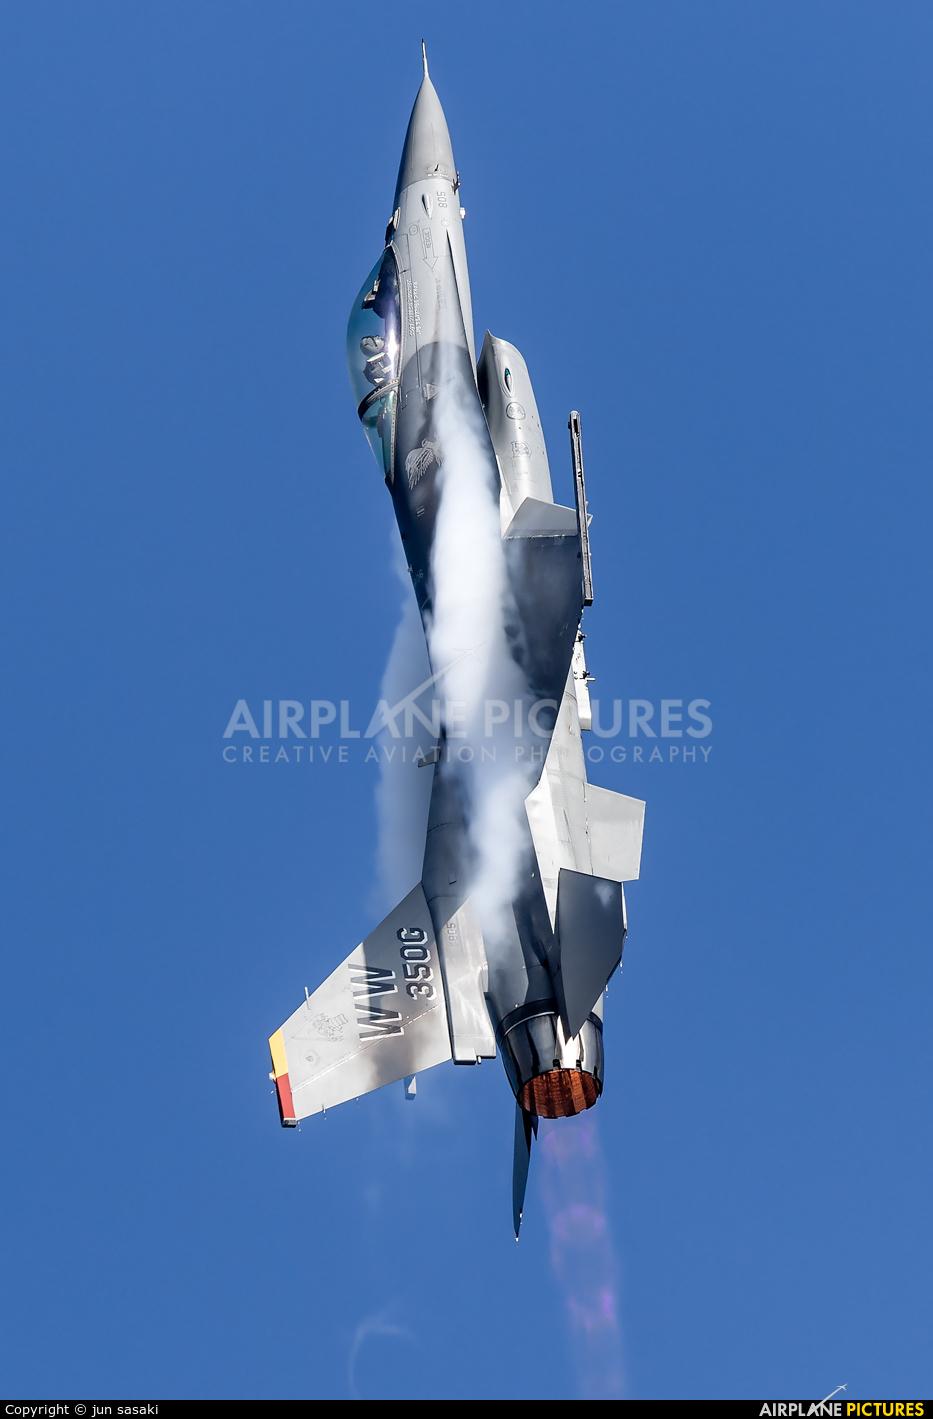 USA - Air Force 90-0805 aircraft at Tsuiki AB